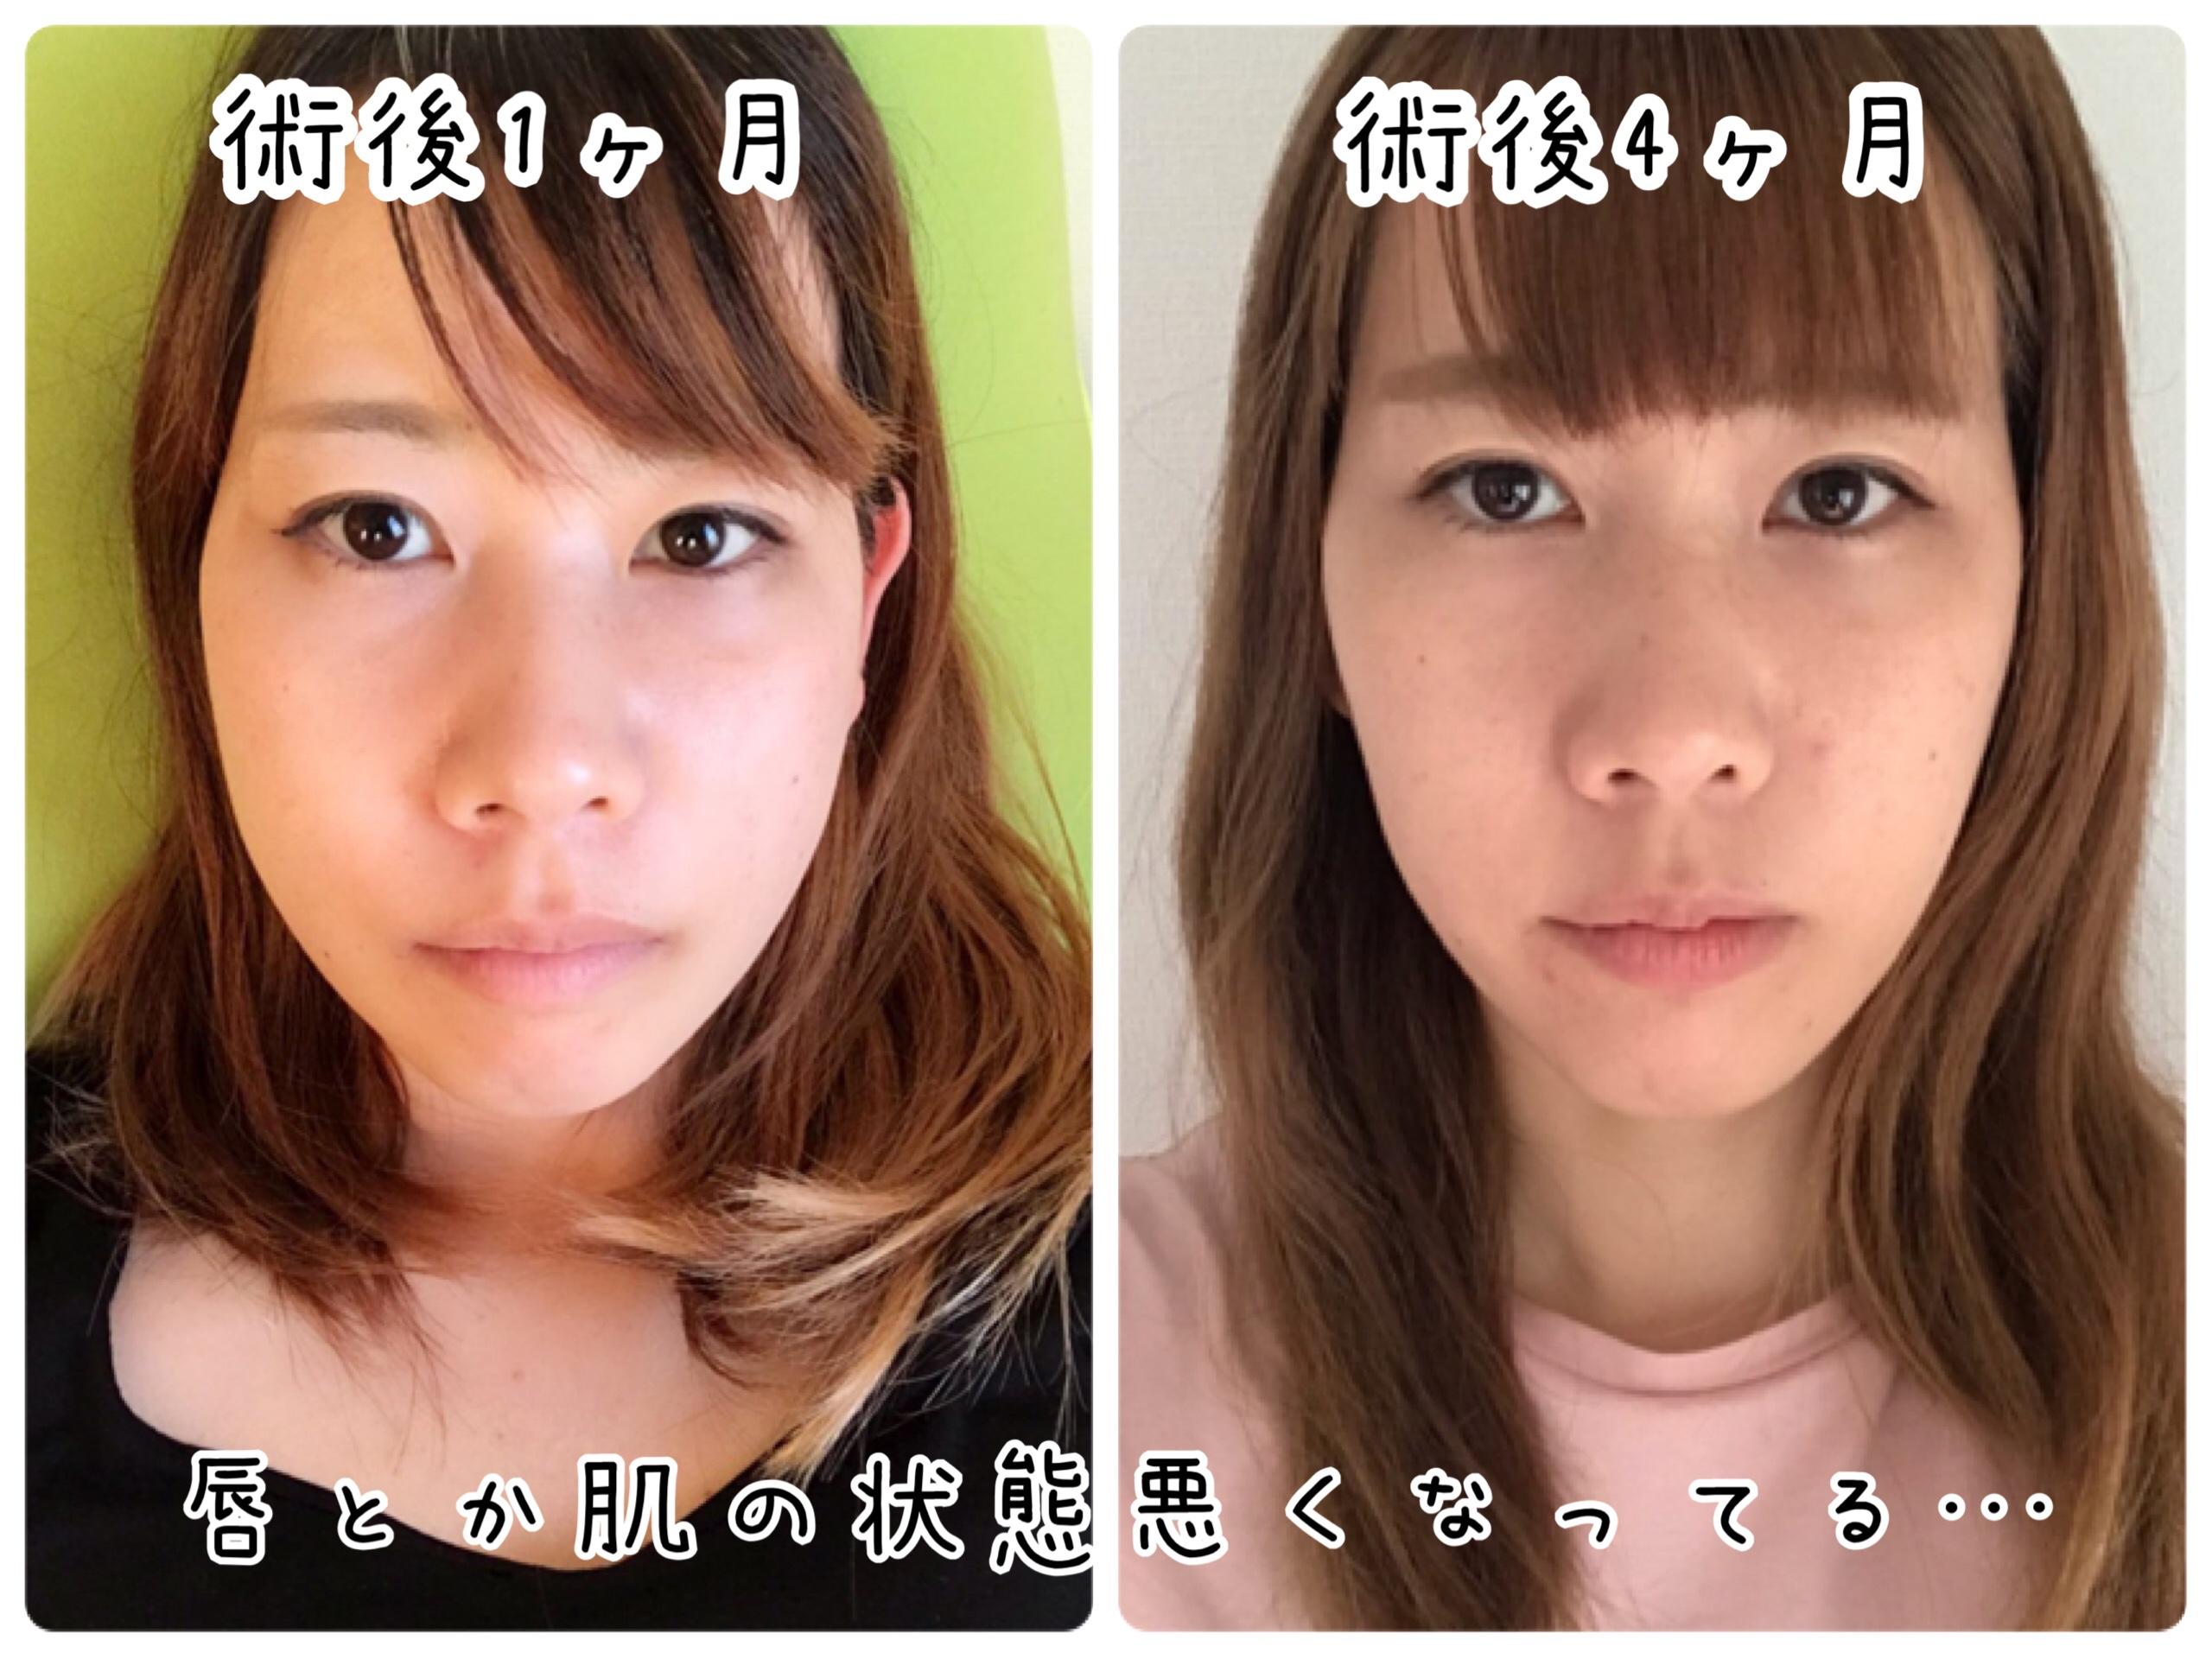 顎変形症手術 体験談